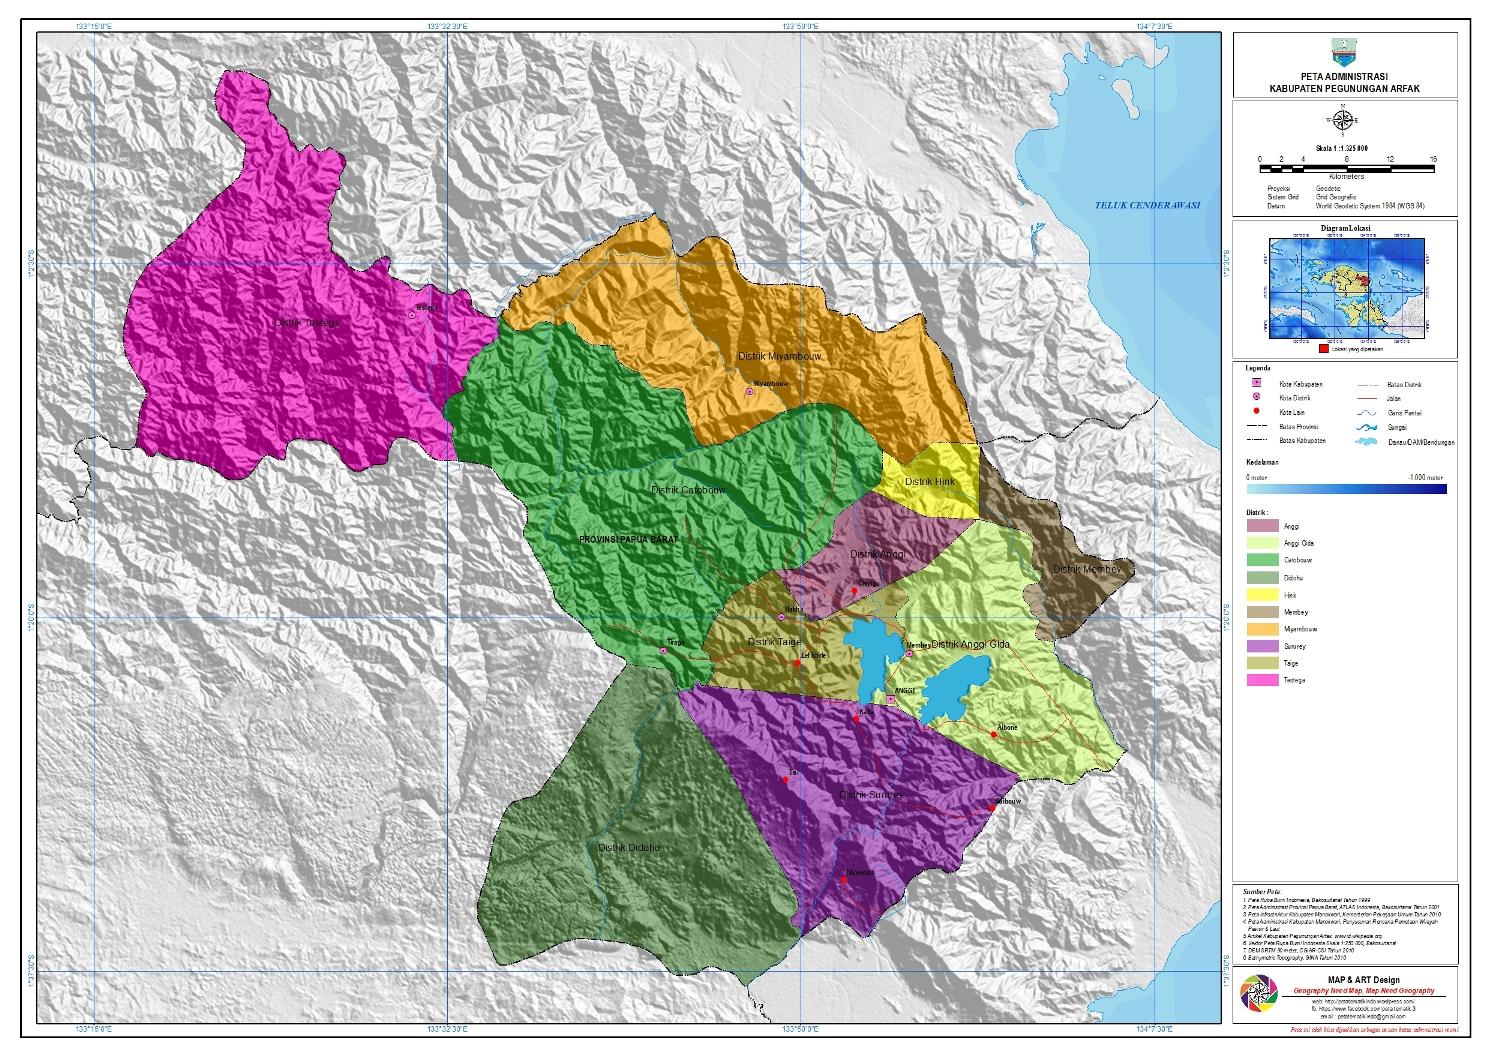 adminsitrasi-pegunungan-arfak